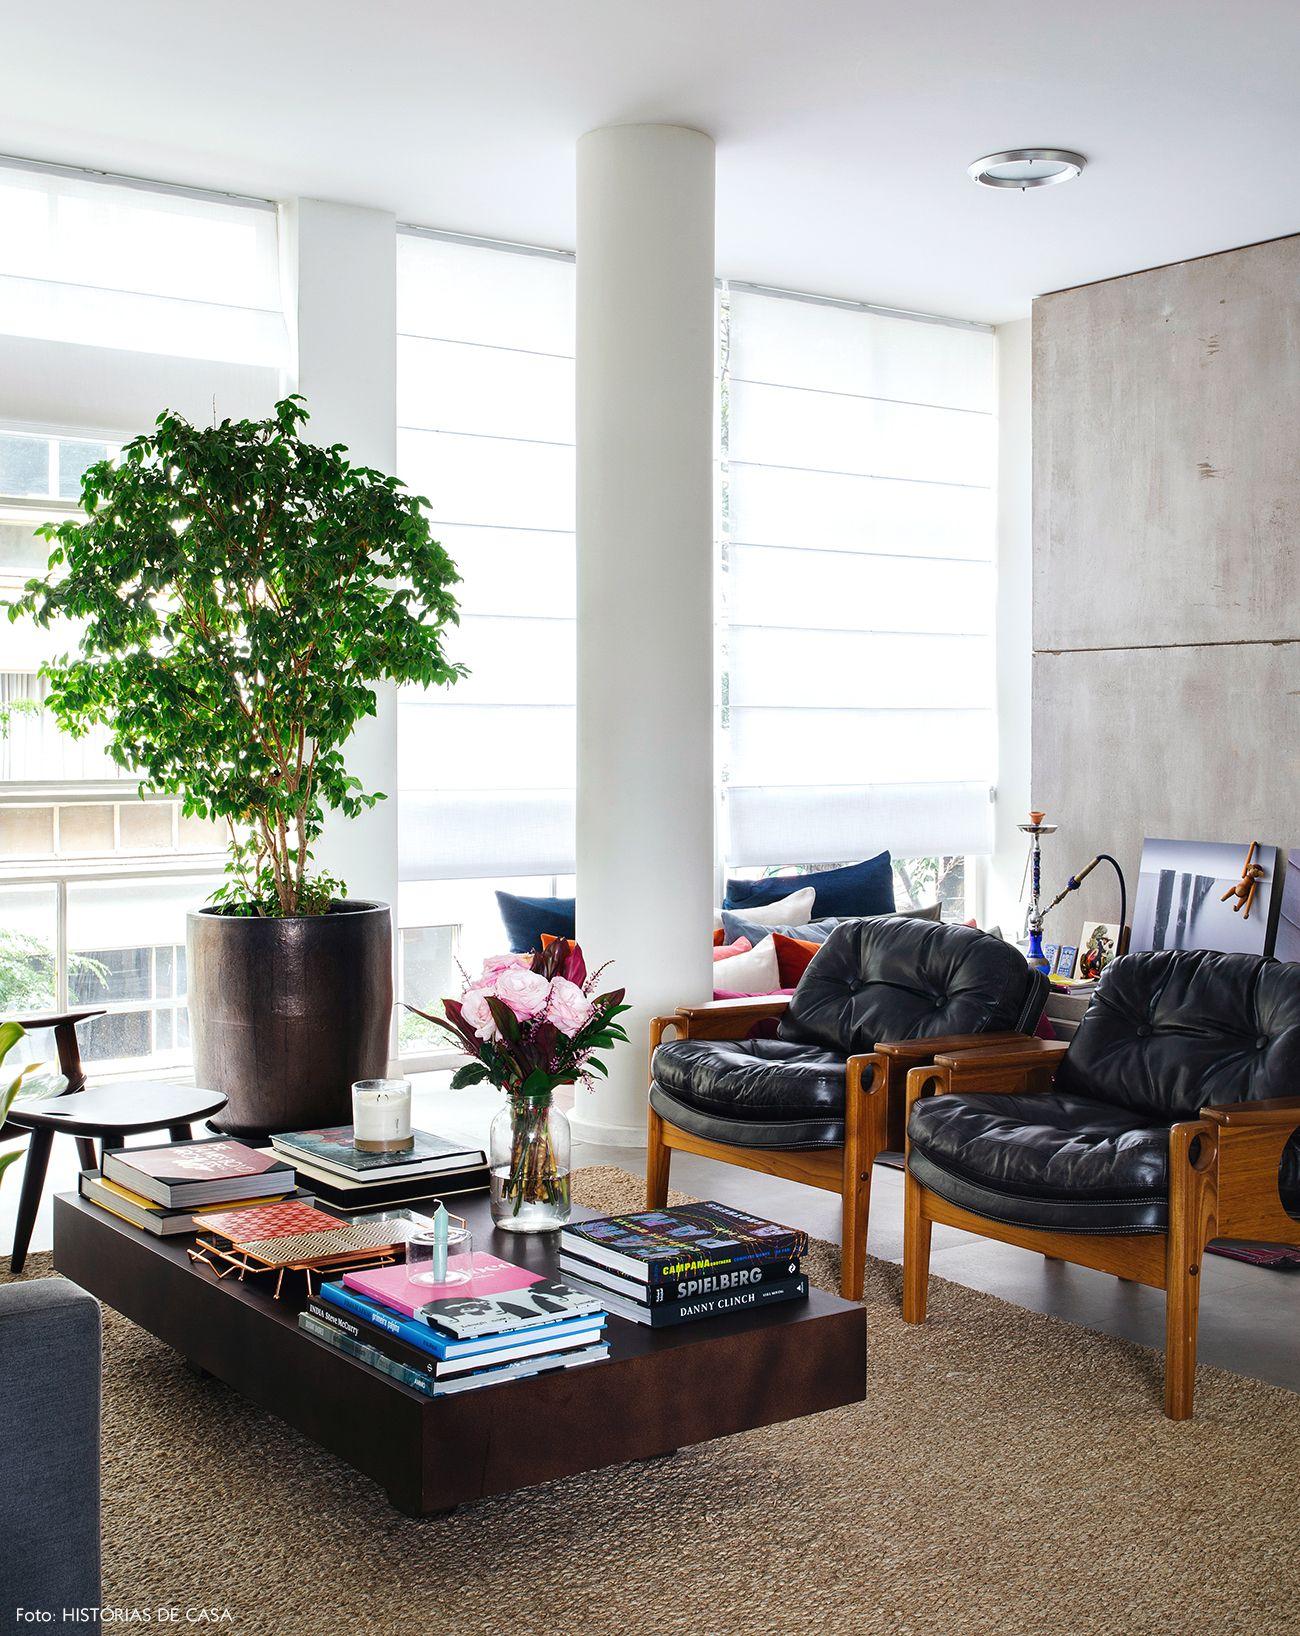 Pequenas grandes mudanças | Trays, Interiors and House